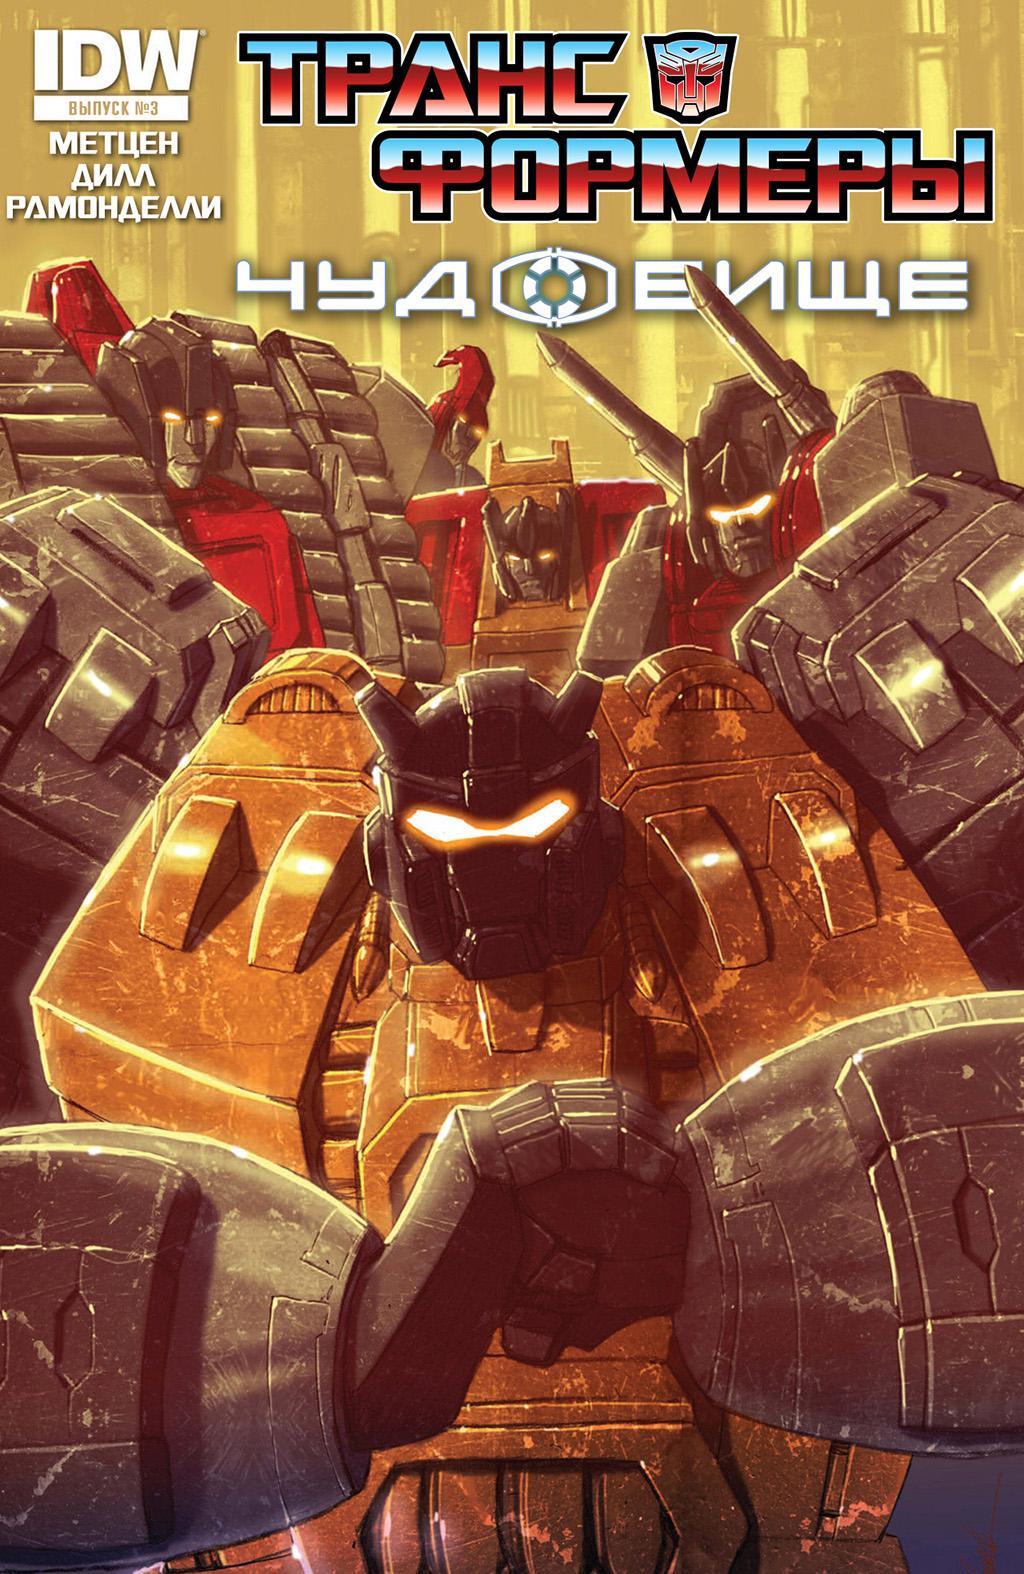 Комикс Трансформеры: Чудовище